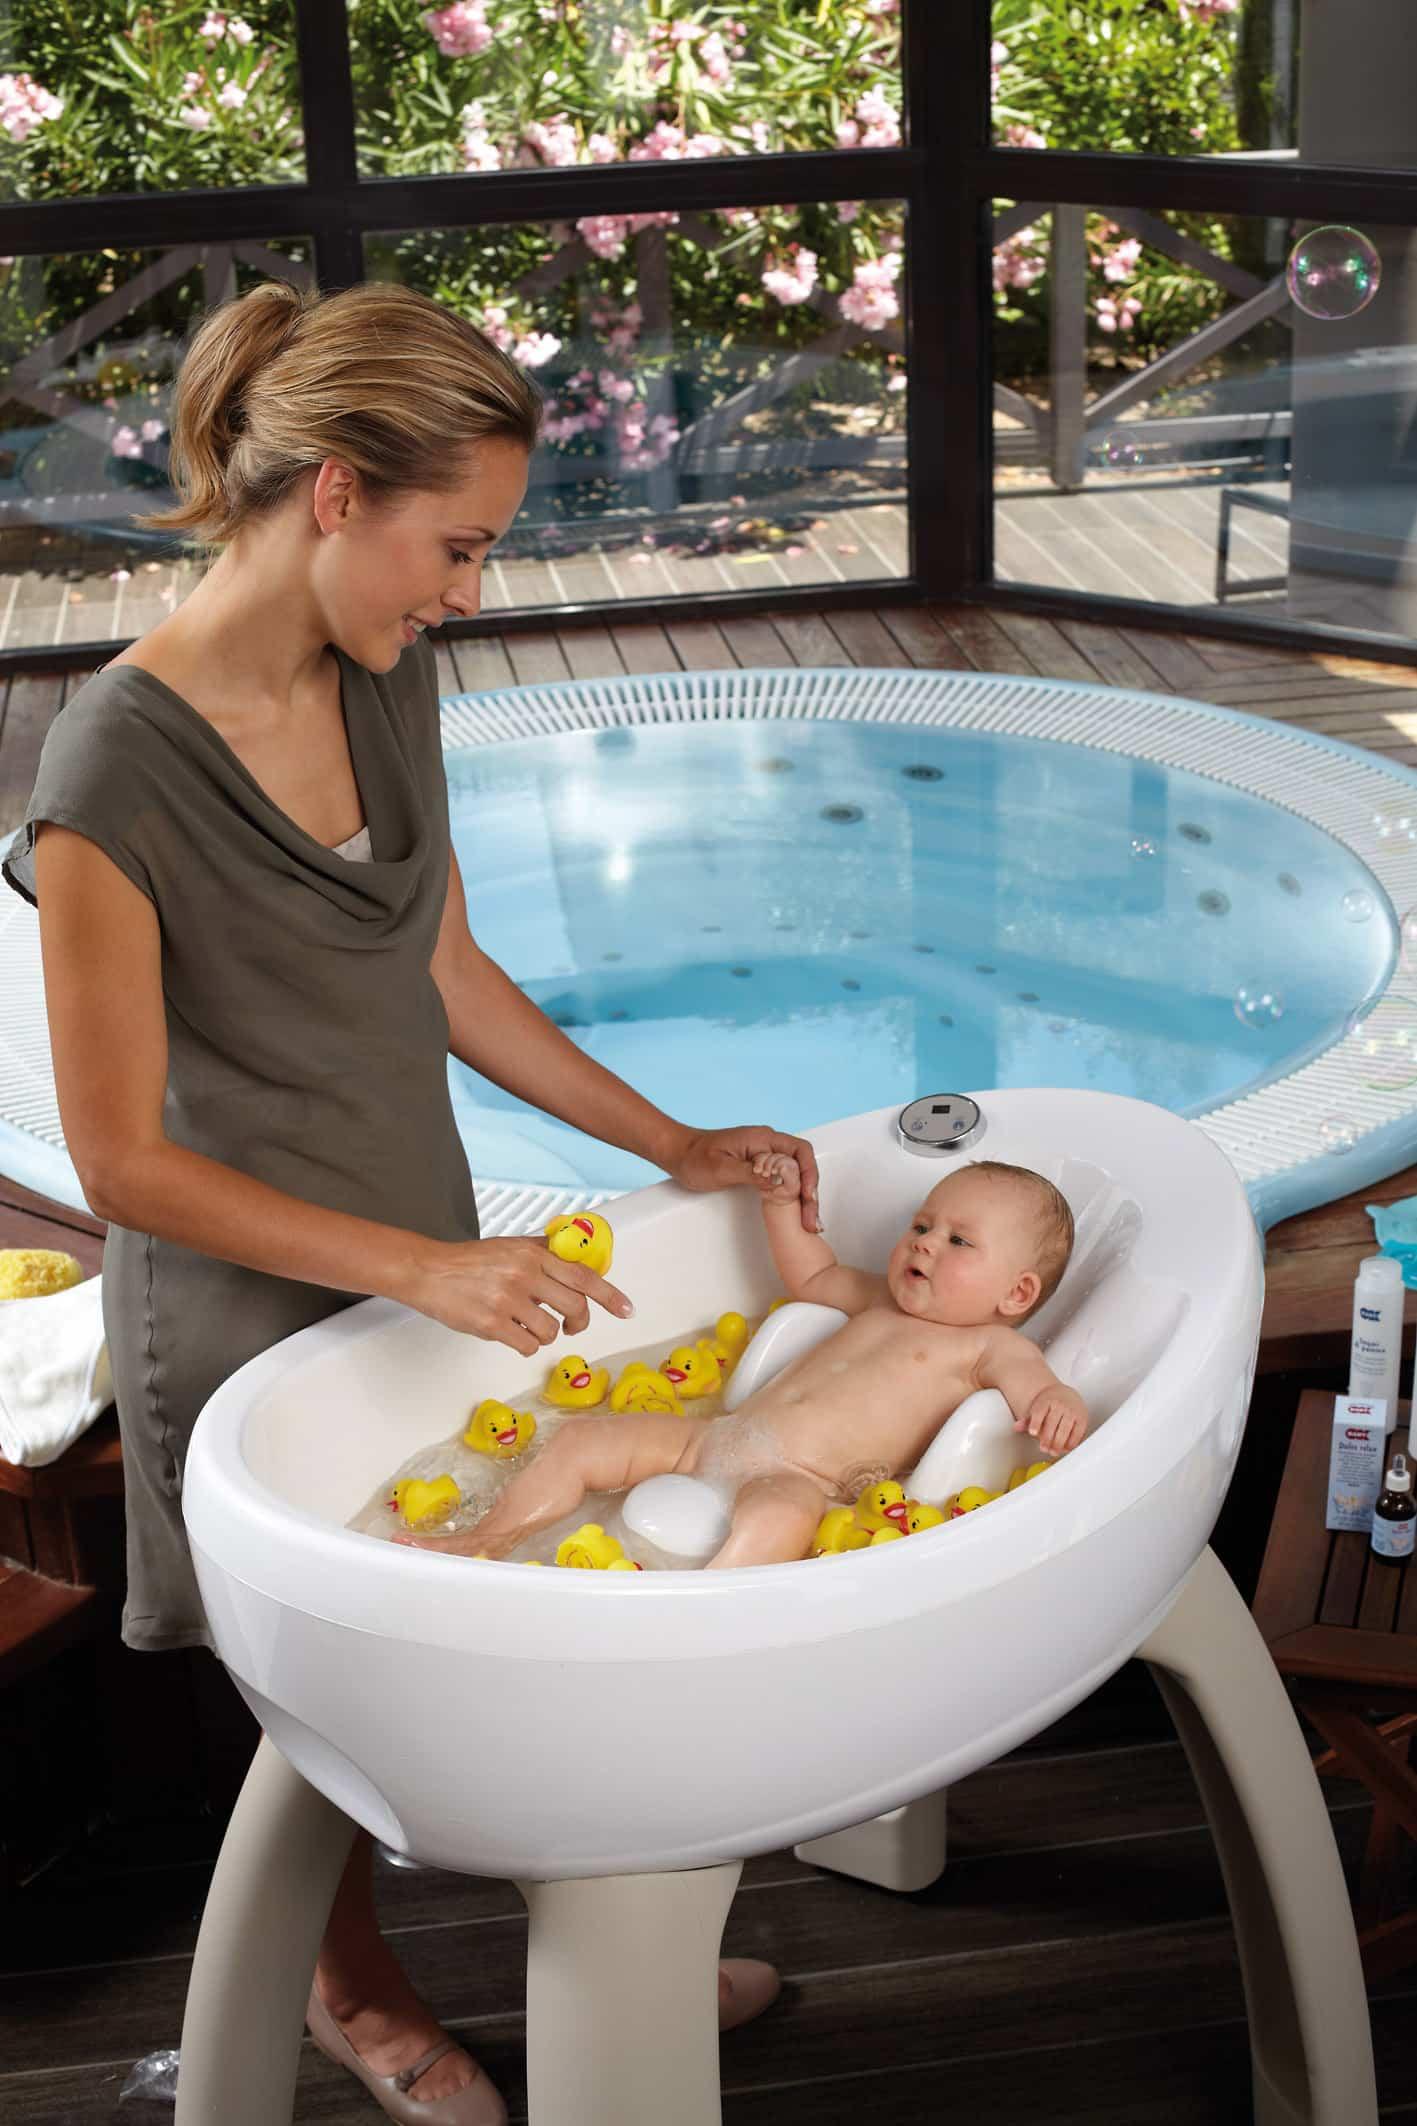 Jacuzzi Tubs: Jacuzzi Tub Baby